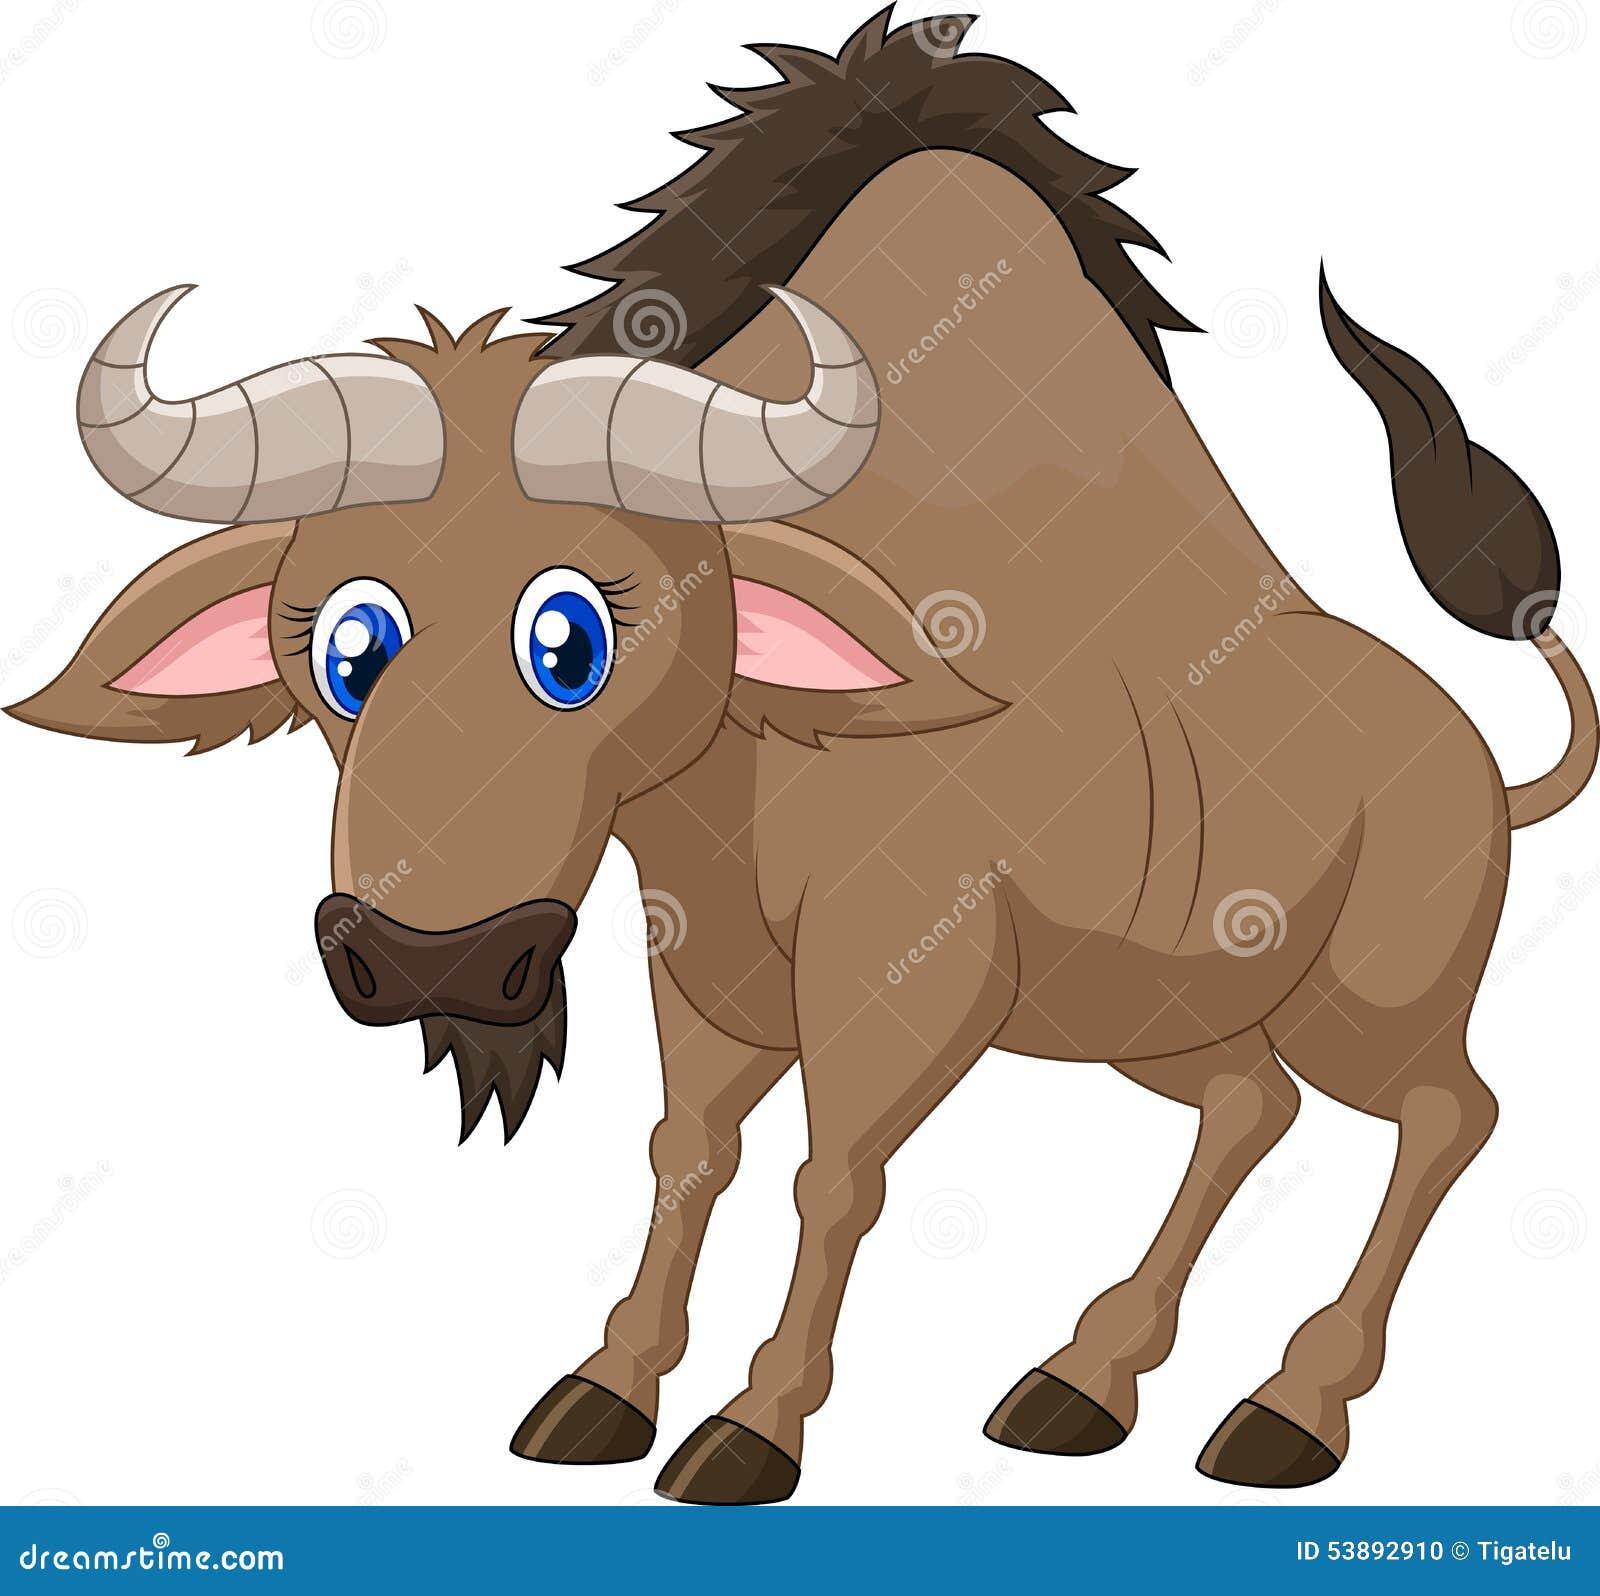 Cartoon a Wildebeest stock vector. Illustration of ...